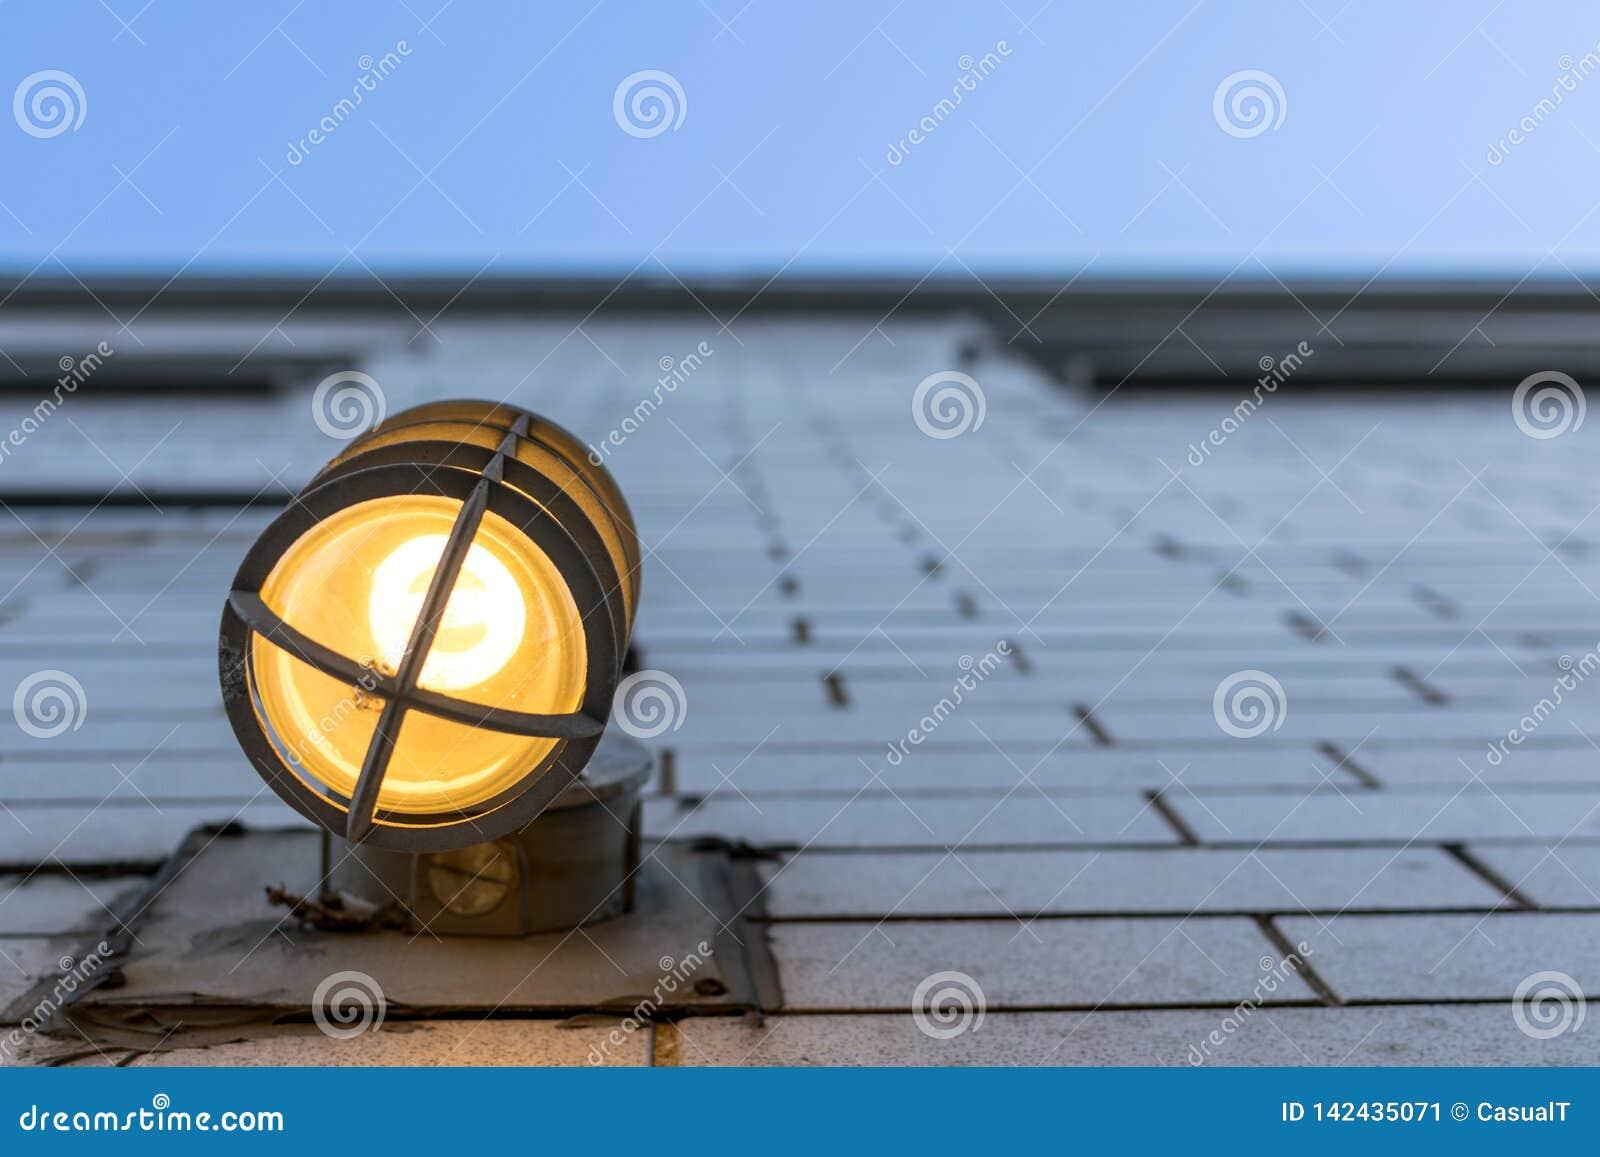 Eine hohe Außenwand, mit einer unscharfen heraus Leuchte im Vordergrund oben schauen